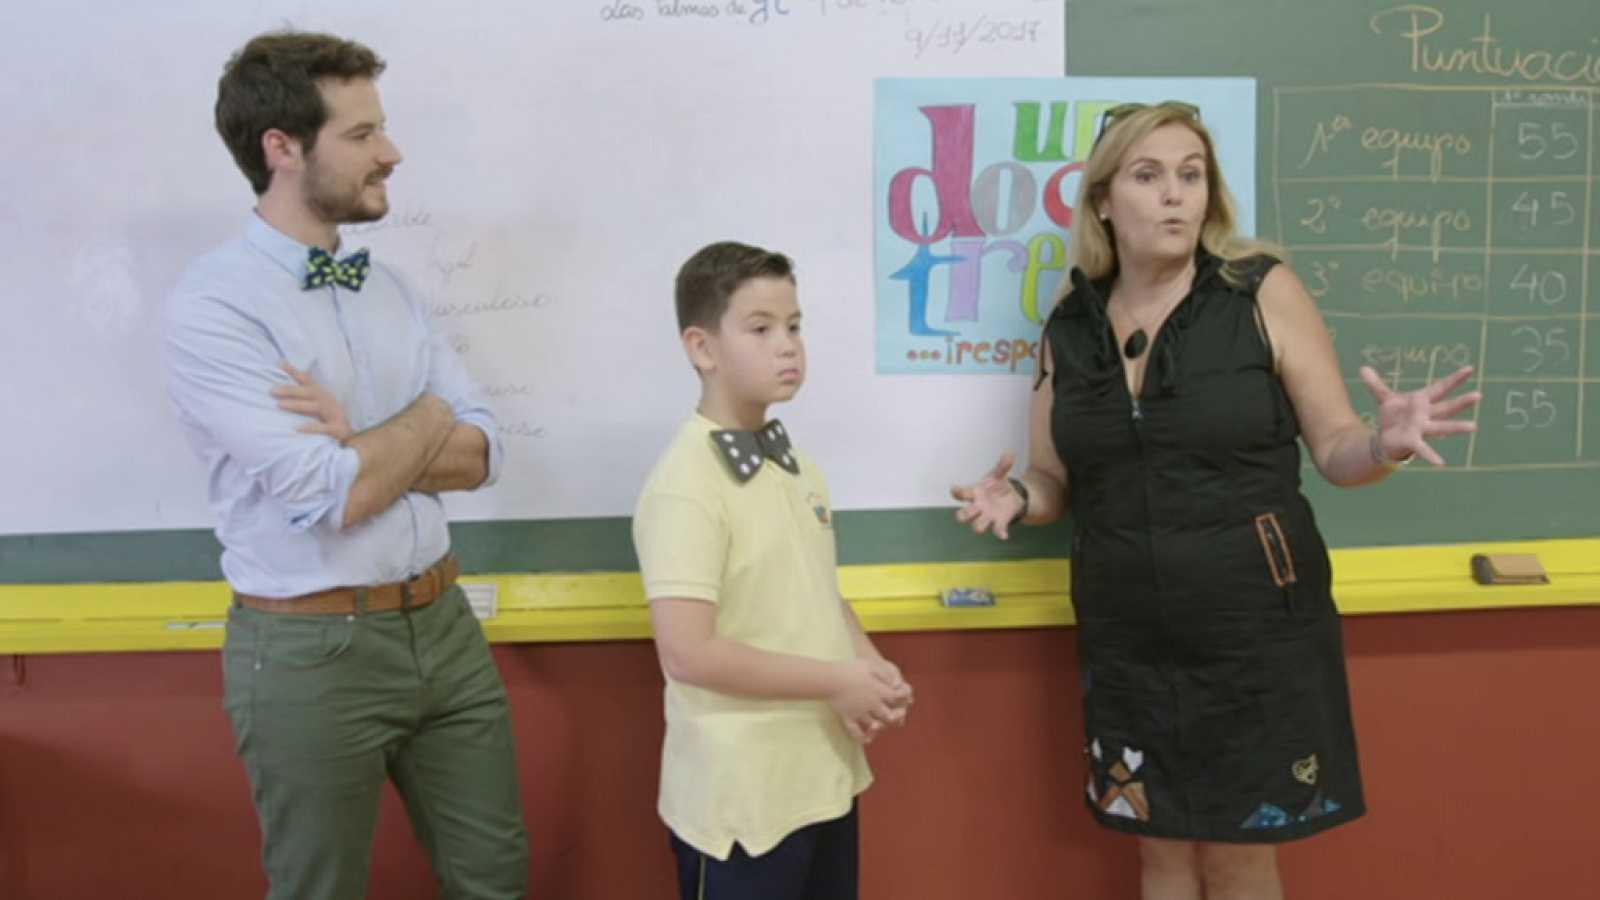 Maneras de educar - Colegio Pepe Dámaso, Gran Canaria - ver ahora